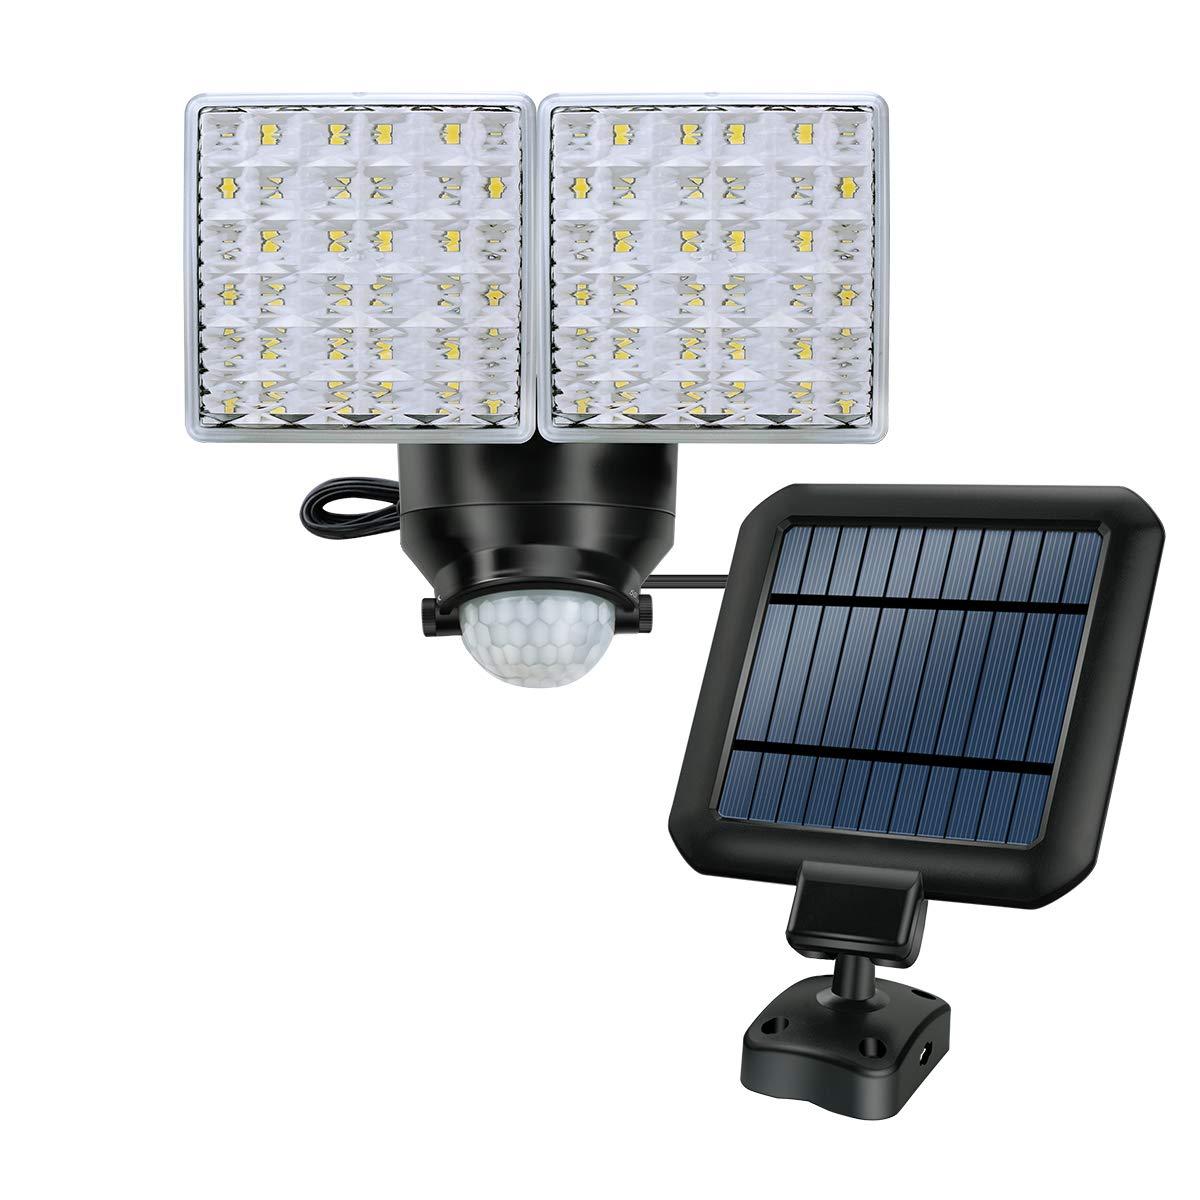 Lámpara exterior de seguridad con energía solar, lámpara de sensor de movimiento súper brillante de 1200LM, 2 cabezas de luz ajustables con 44 focos LED para jardín, patio, garaje, etc.: Amazon.es: Iluminación